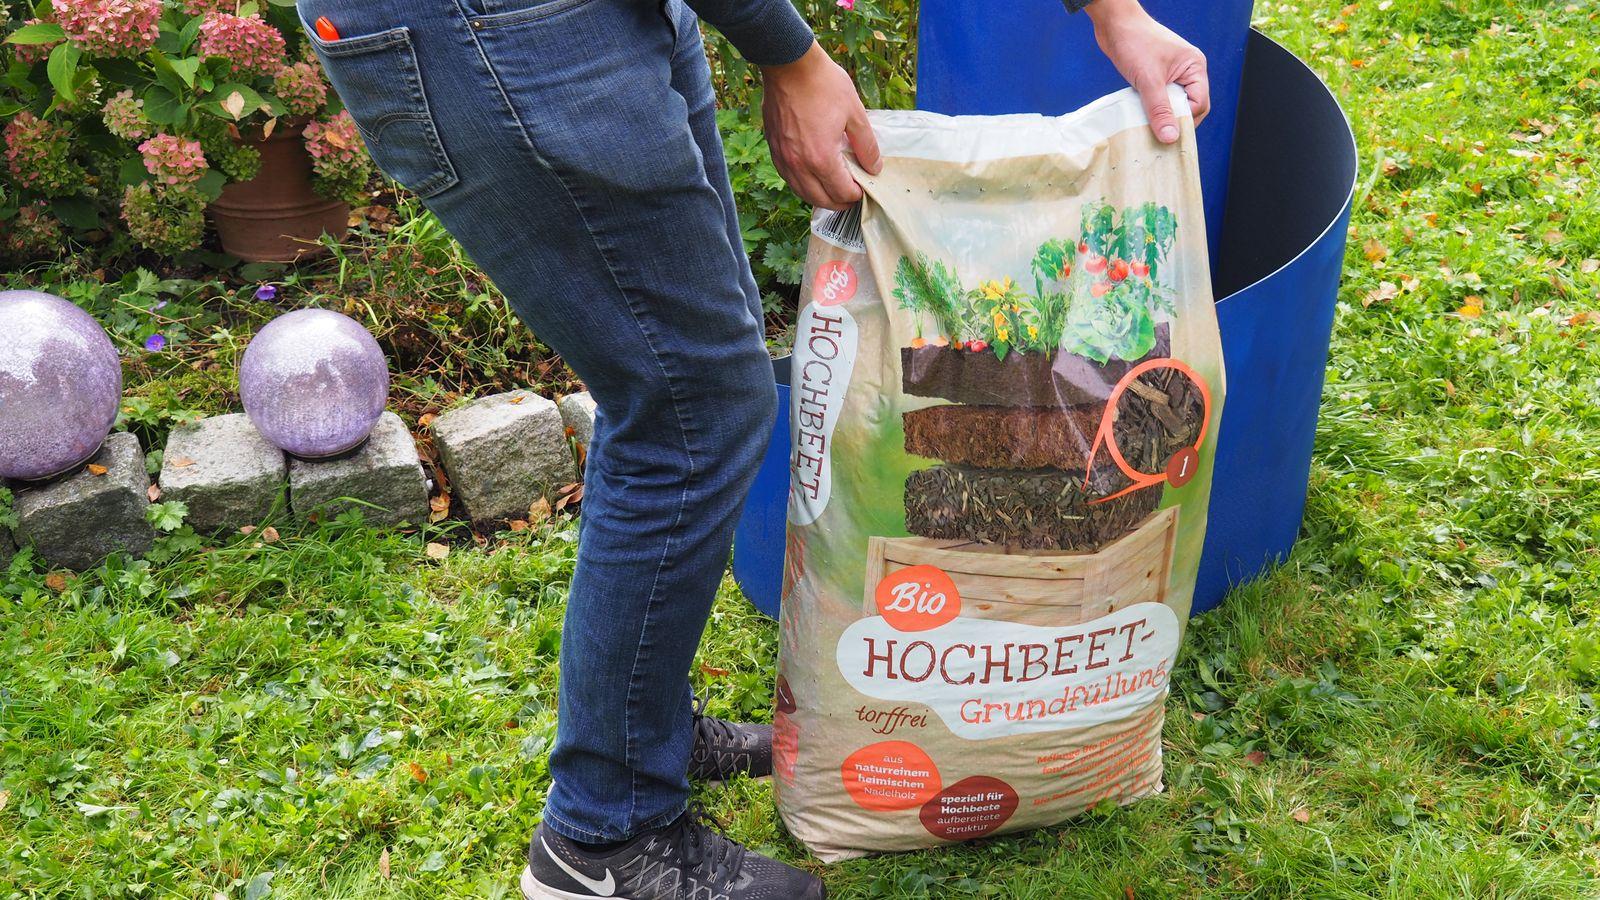 Krauterhochbeet Bepflanzen Leichtgemacht Plantura